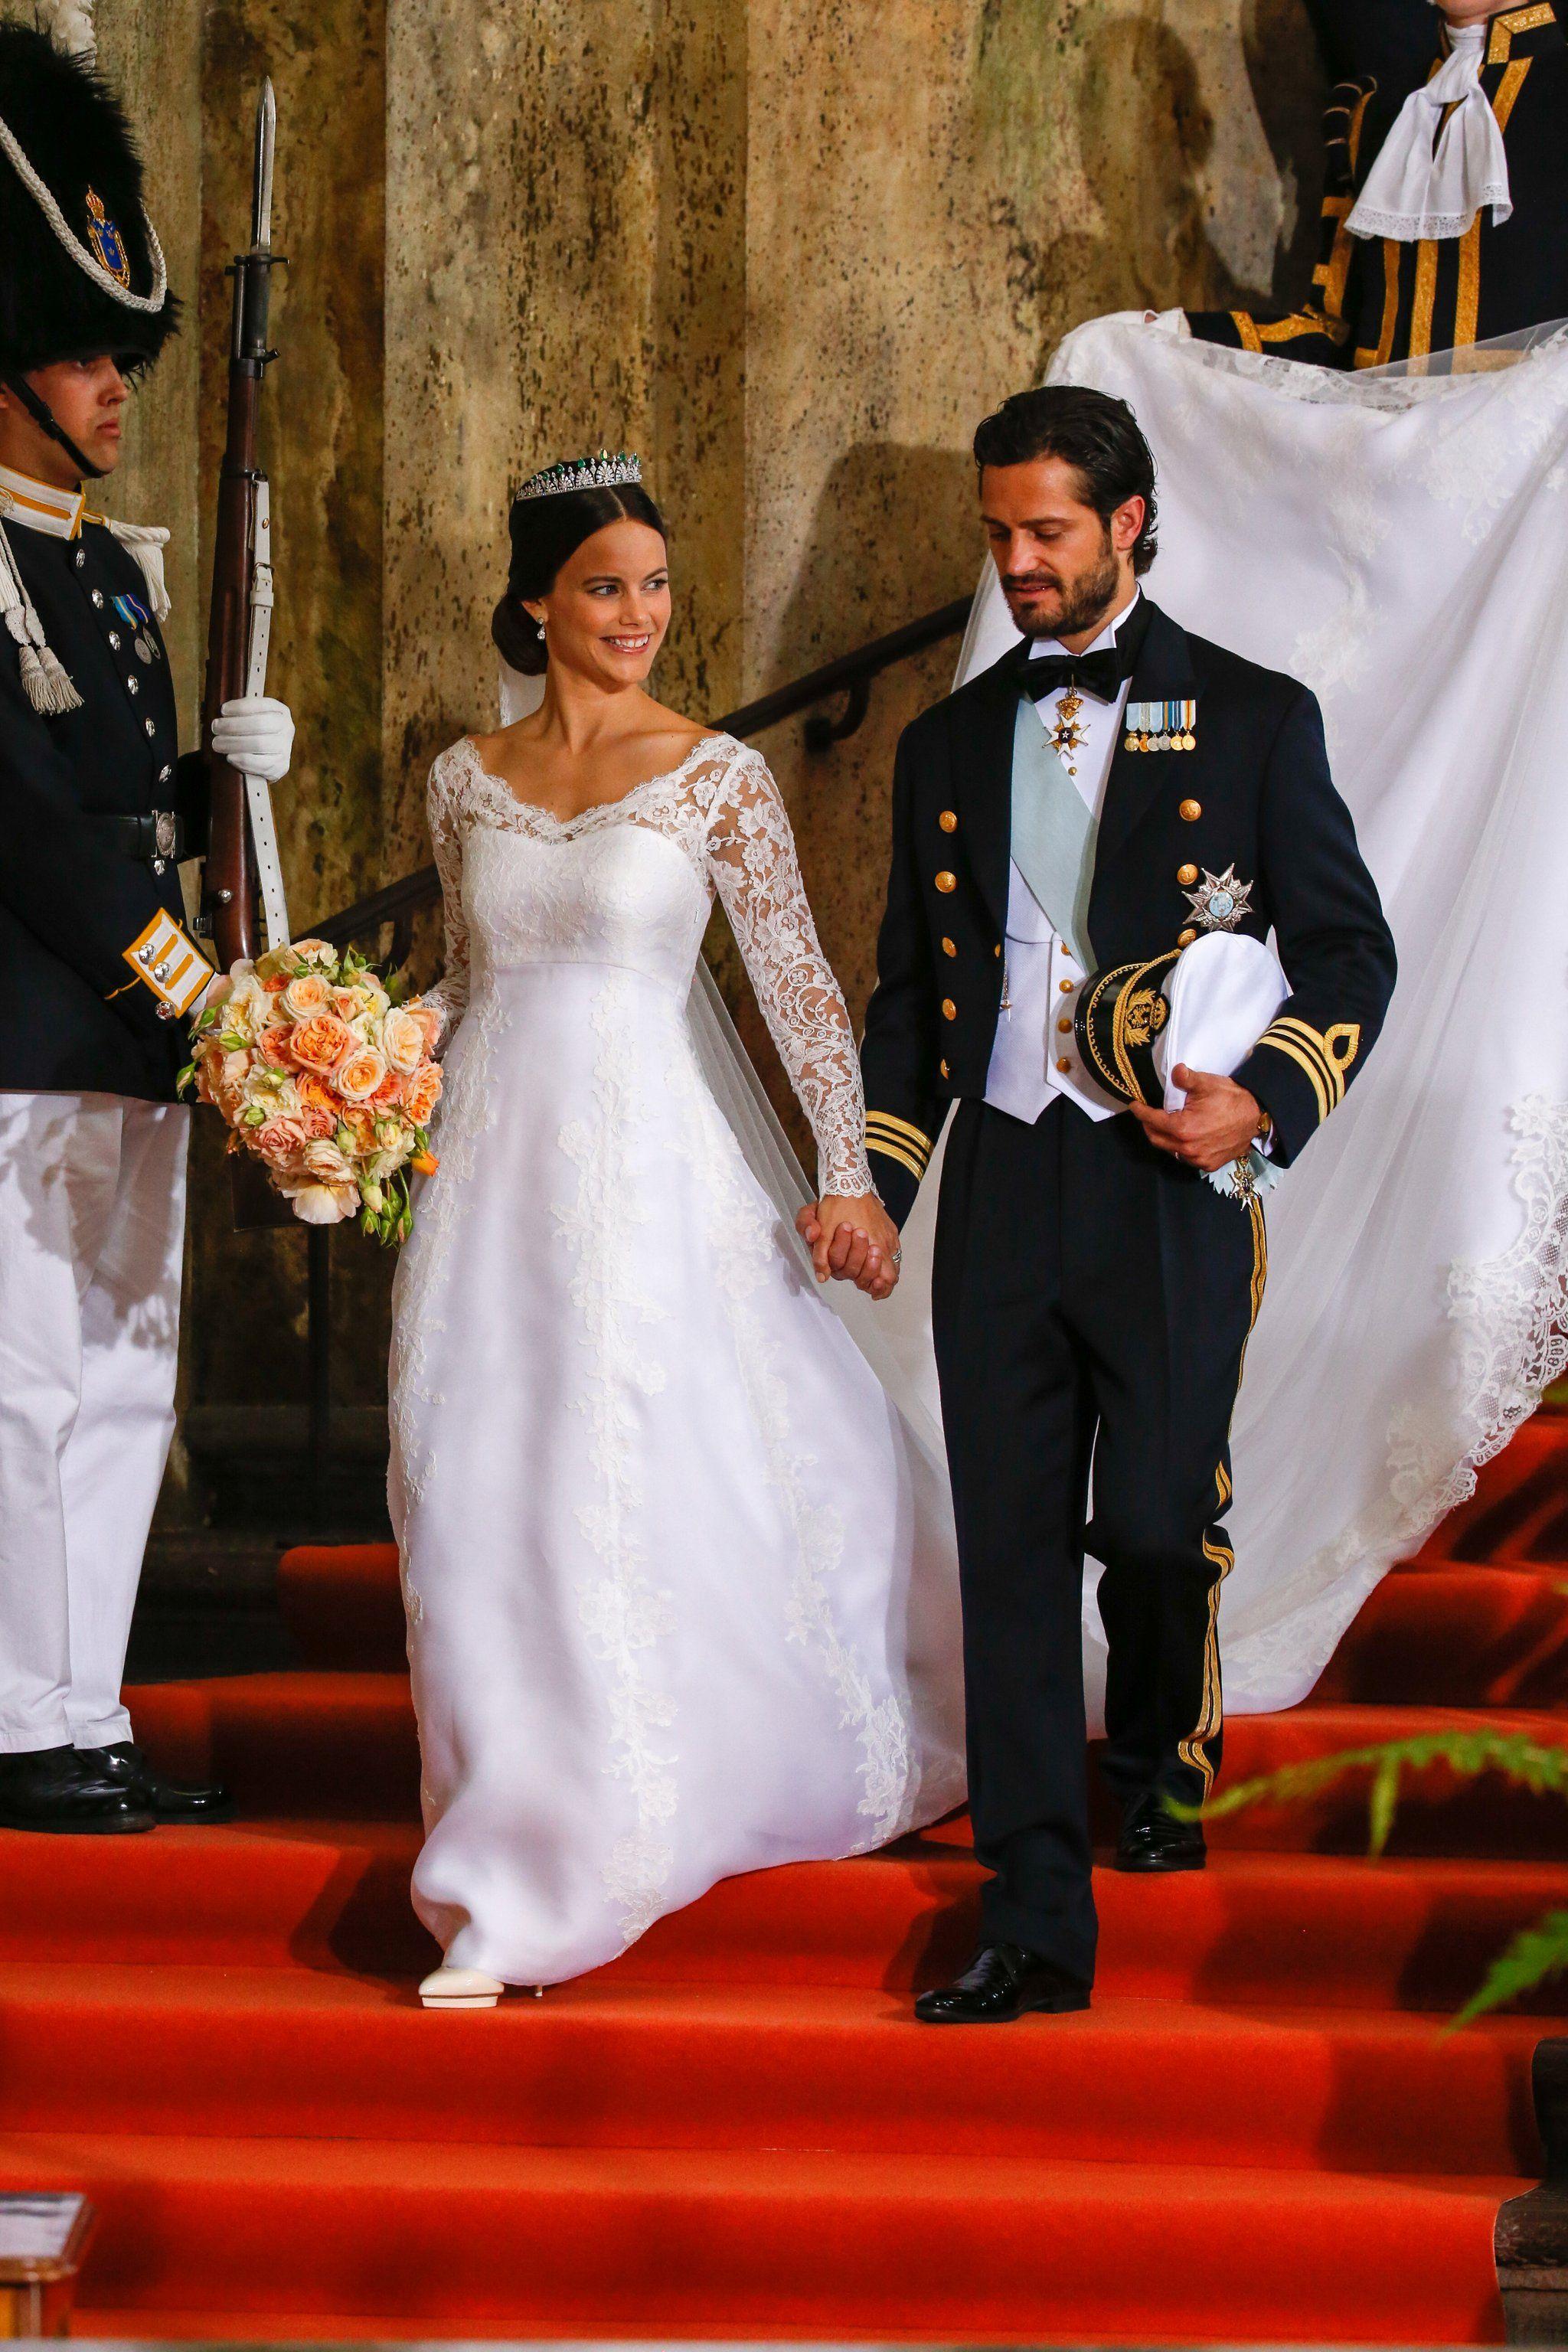 Prepare To Swoon Over Princess Sofia S Stunning Wedding Gown Royal Wedding Gowns Royal Wedding Dress Princess Sofia Of Sweden [ 3072 x 2048 Pixel ]